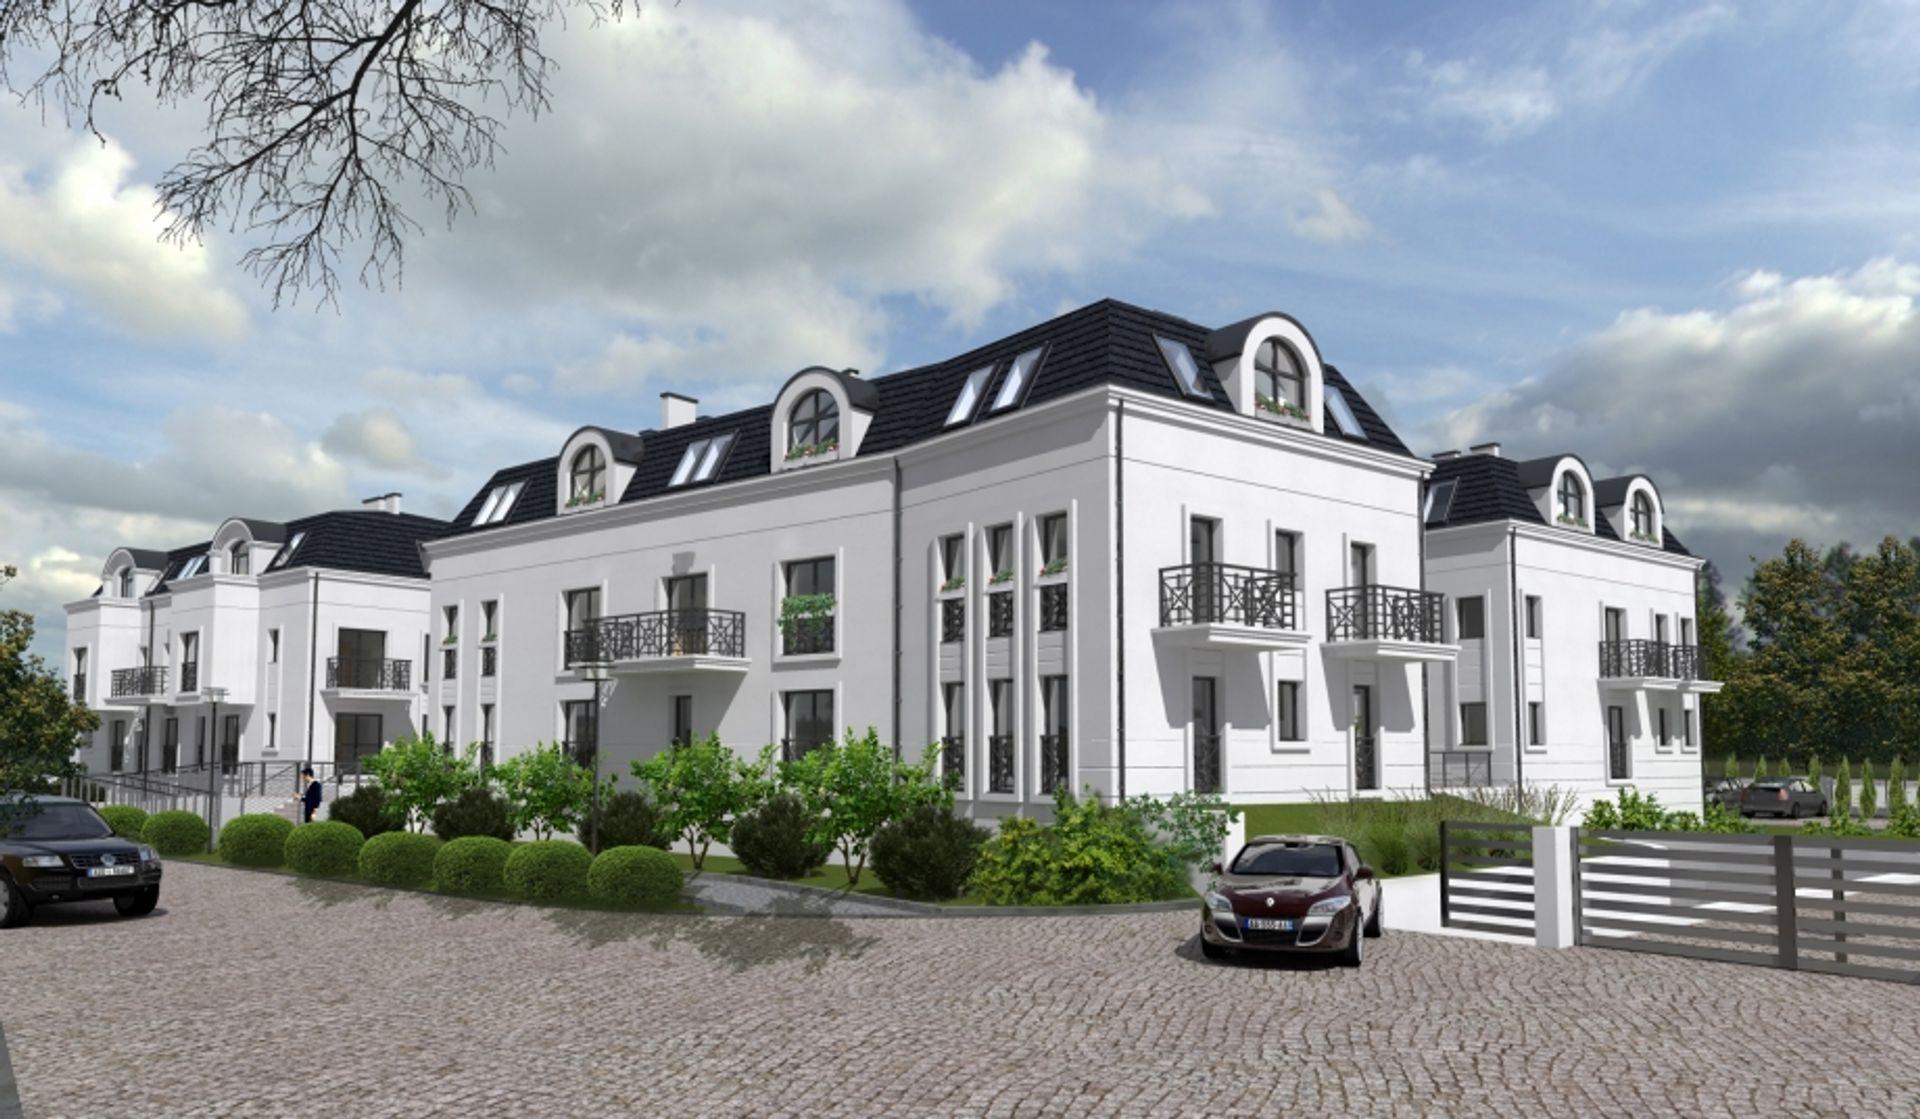 [Wrocław] Nowa inwestycja na Brochowie. Staną tam cztery budynki [WIZUALIZACJE]